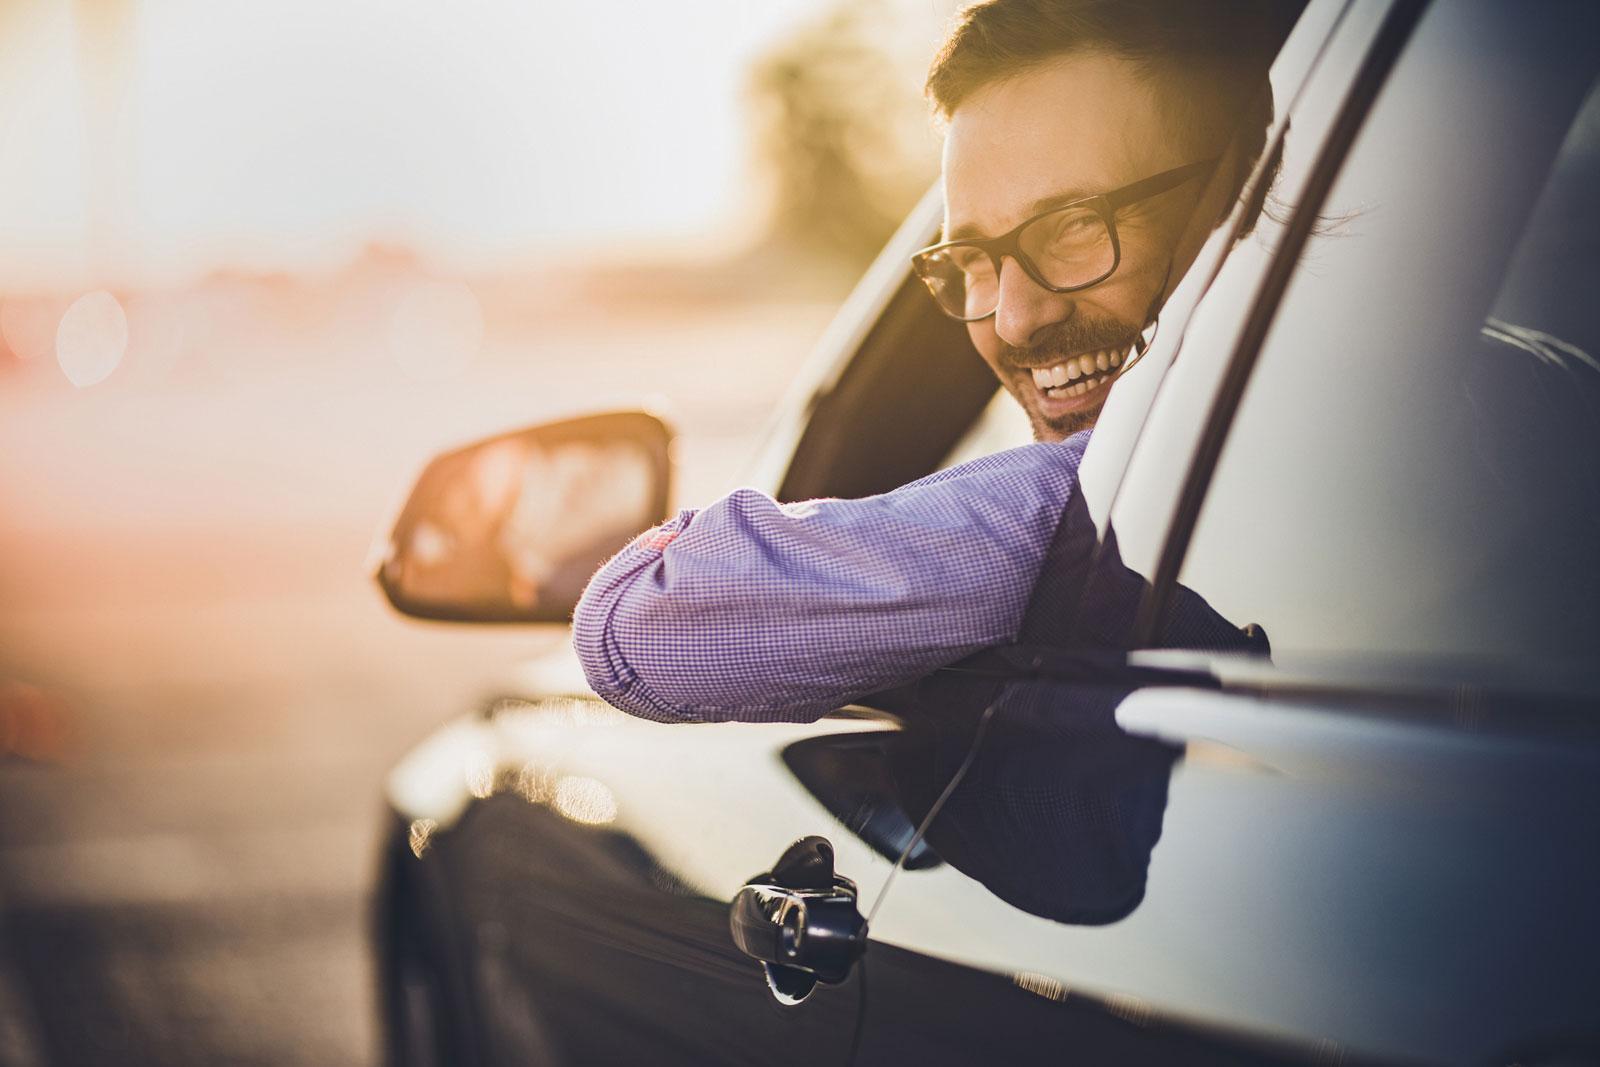 Beim Fahren keine gute Idee: Mit nur einer Hand am Lenker sind Ausweichmanöver schwierig.